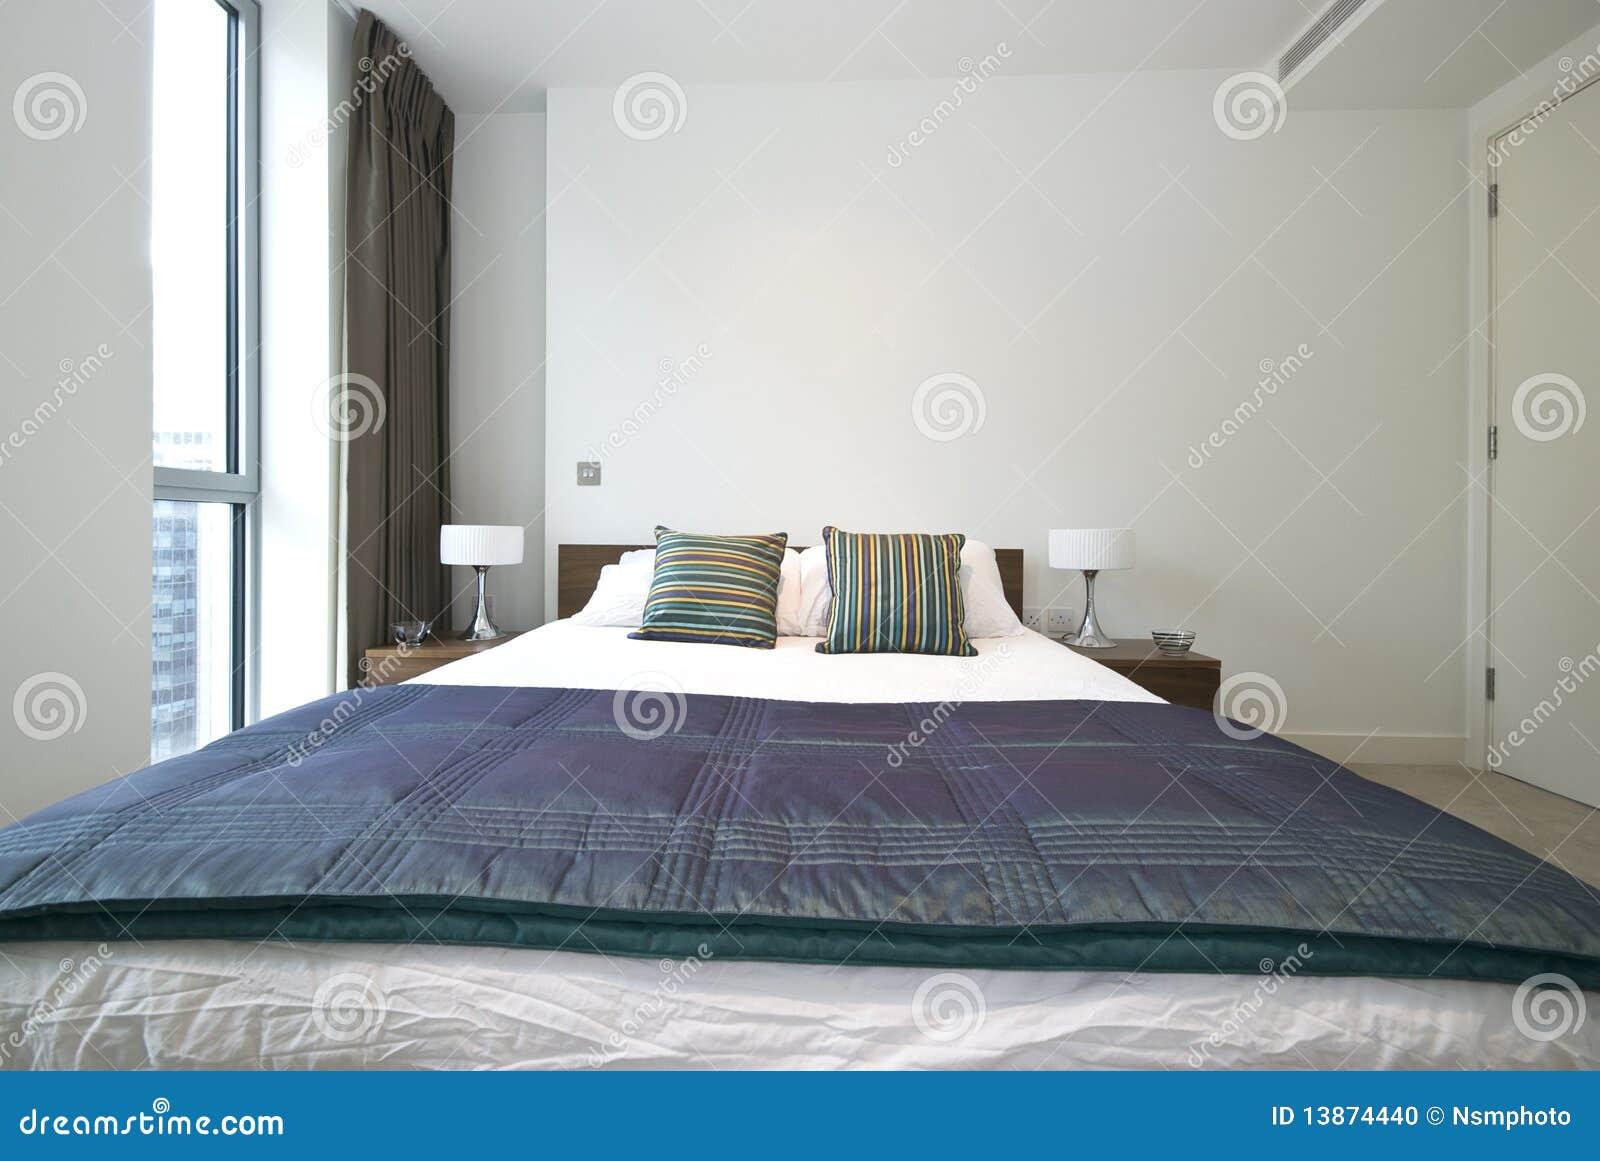 Particolare di una camera da letto moderna lussuosa fotografia stock immagine di contemporaneo - Camera letto moderna ...